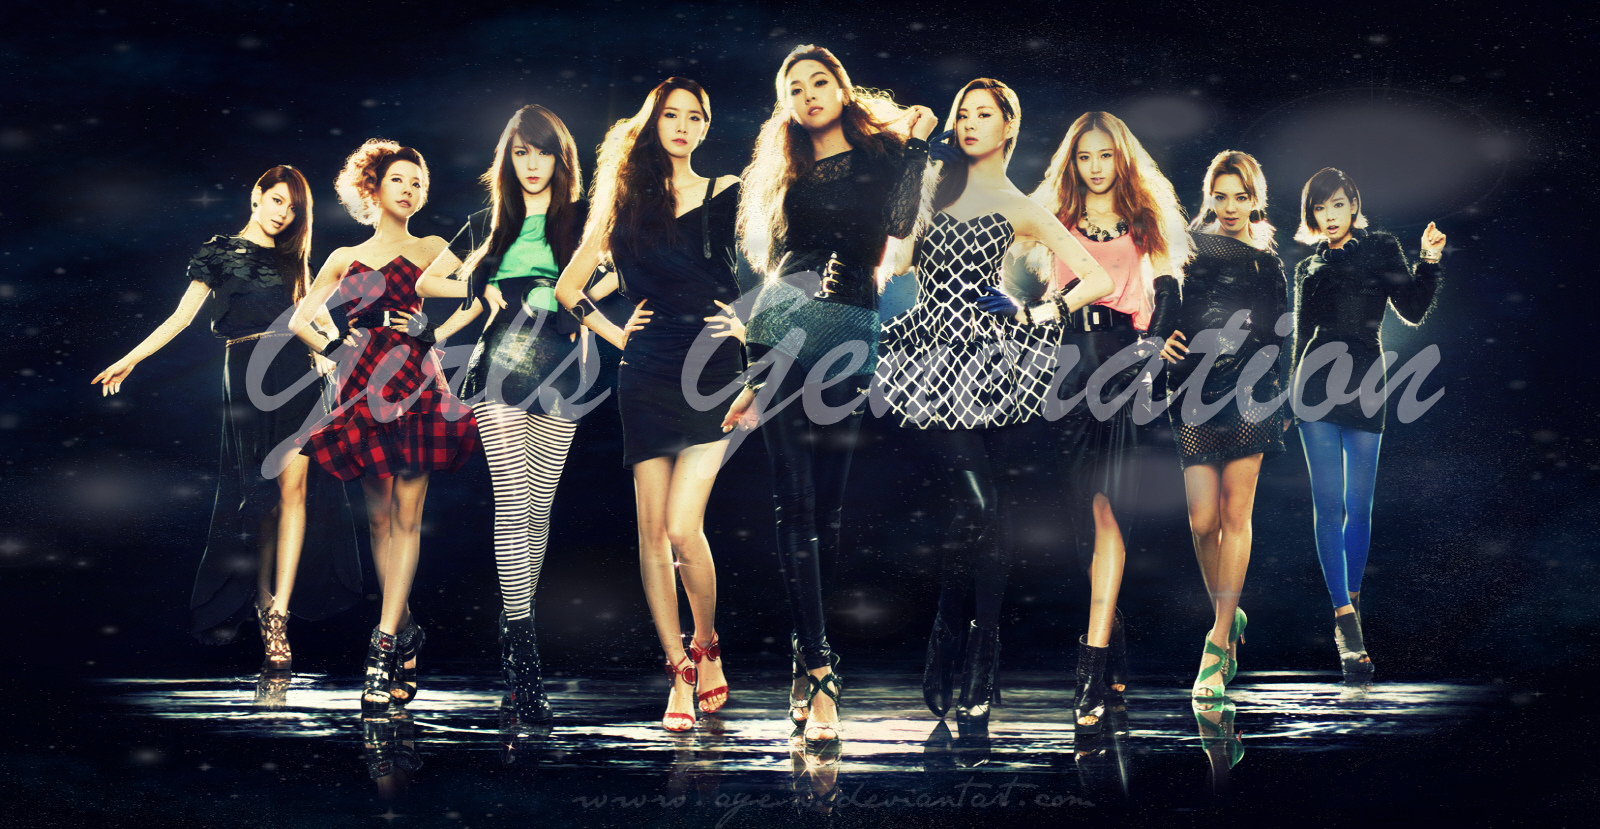 http://2.bp.blogspot.com/-zlNGxTVysJ8/T1jswTQCBCI/AAAAAAAAAwc/MOC_KOyQ6Lo/s1600/girls_generation_wallpaper.jpg